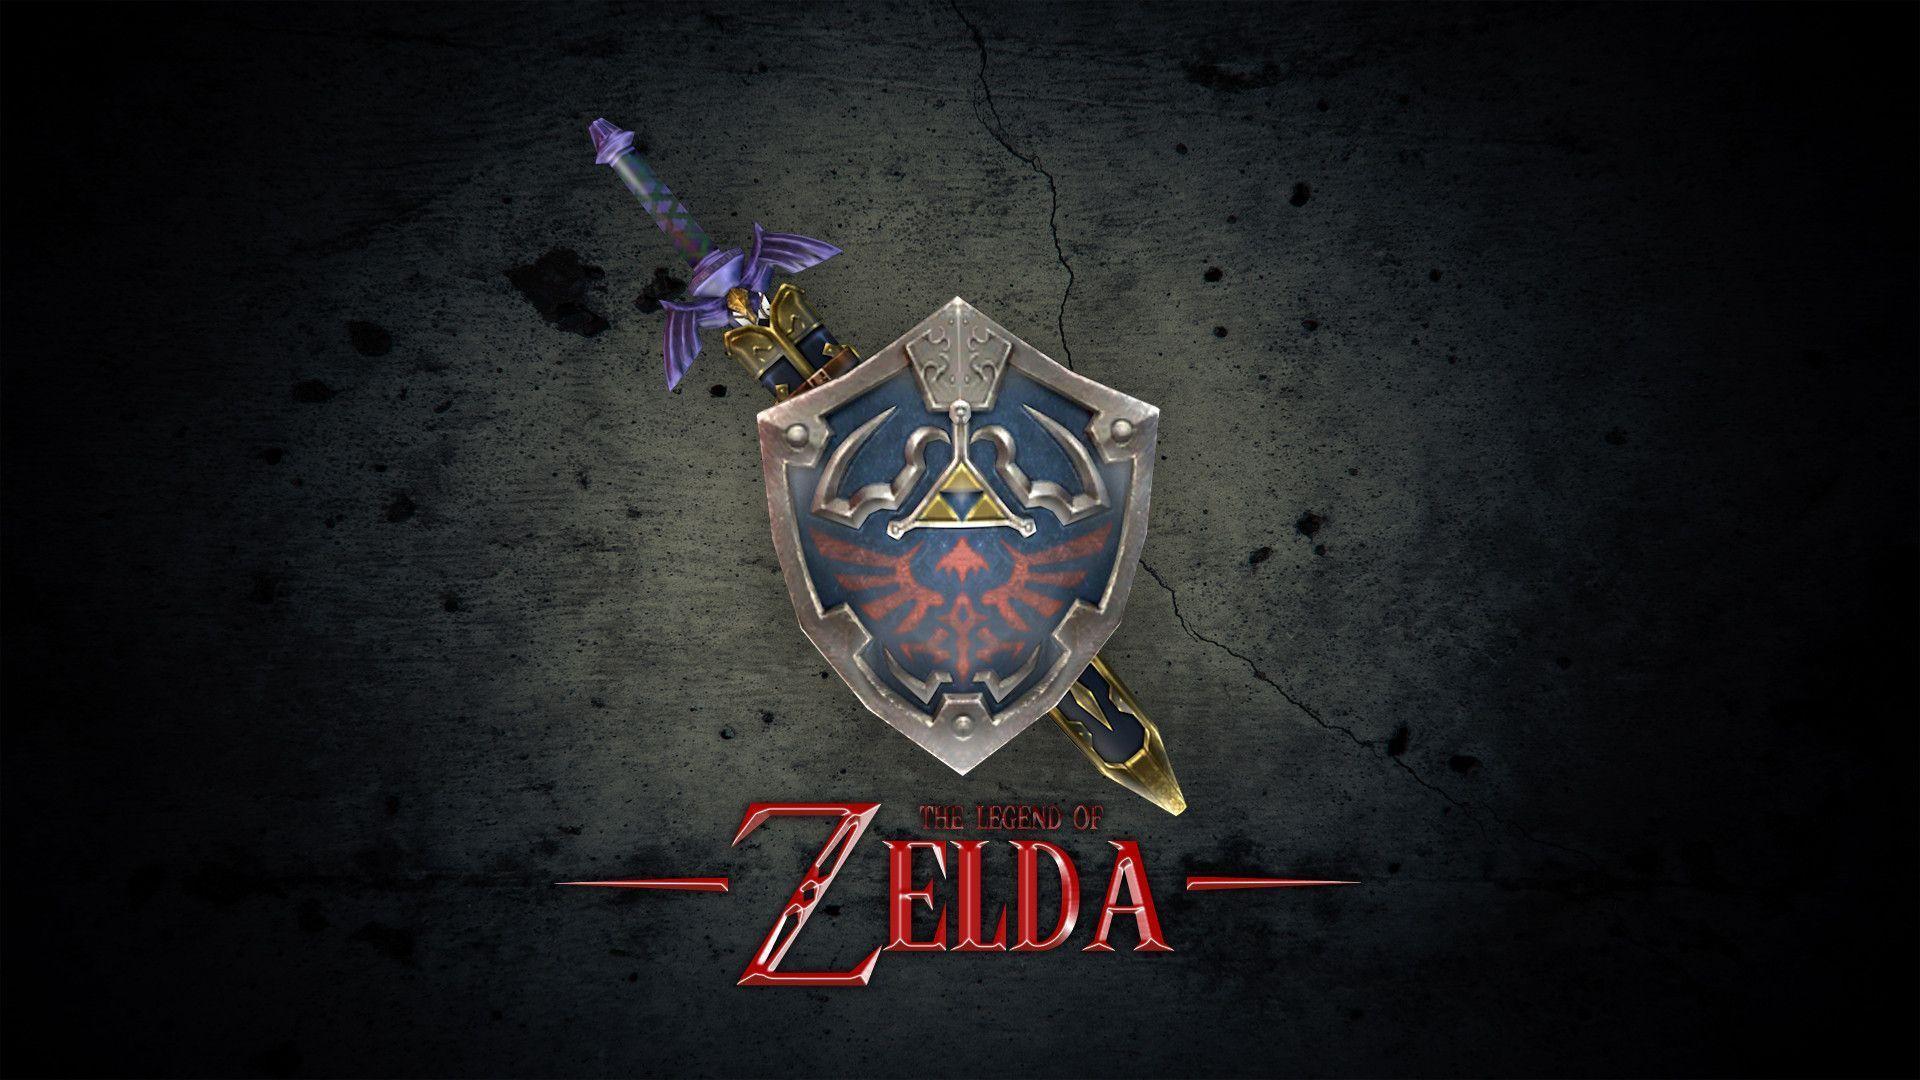 Zelda Wallpaper 1920x1080 Triforce Zelda Wallpapers HD 19...